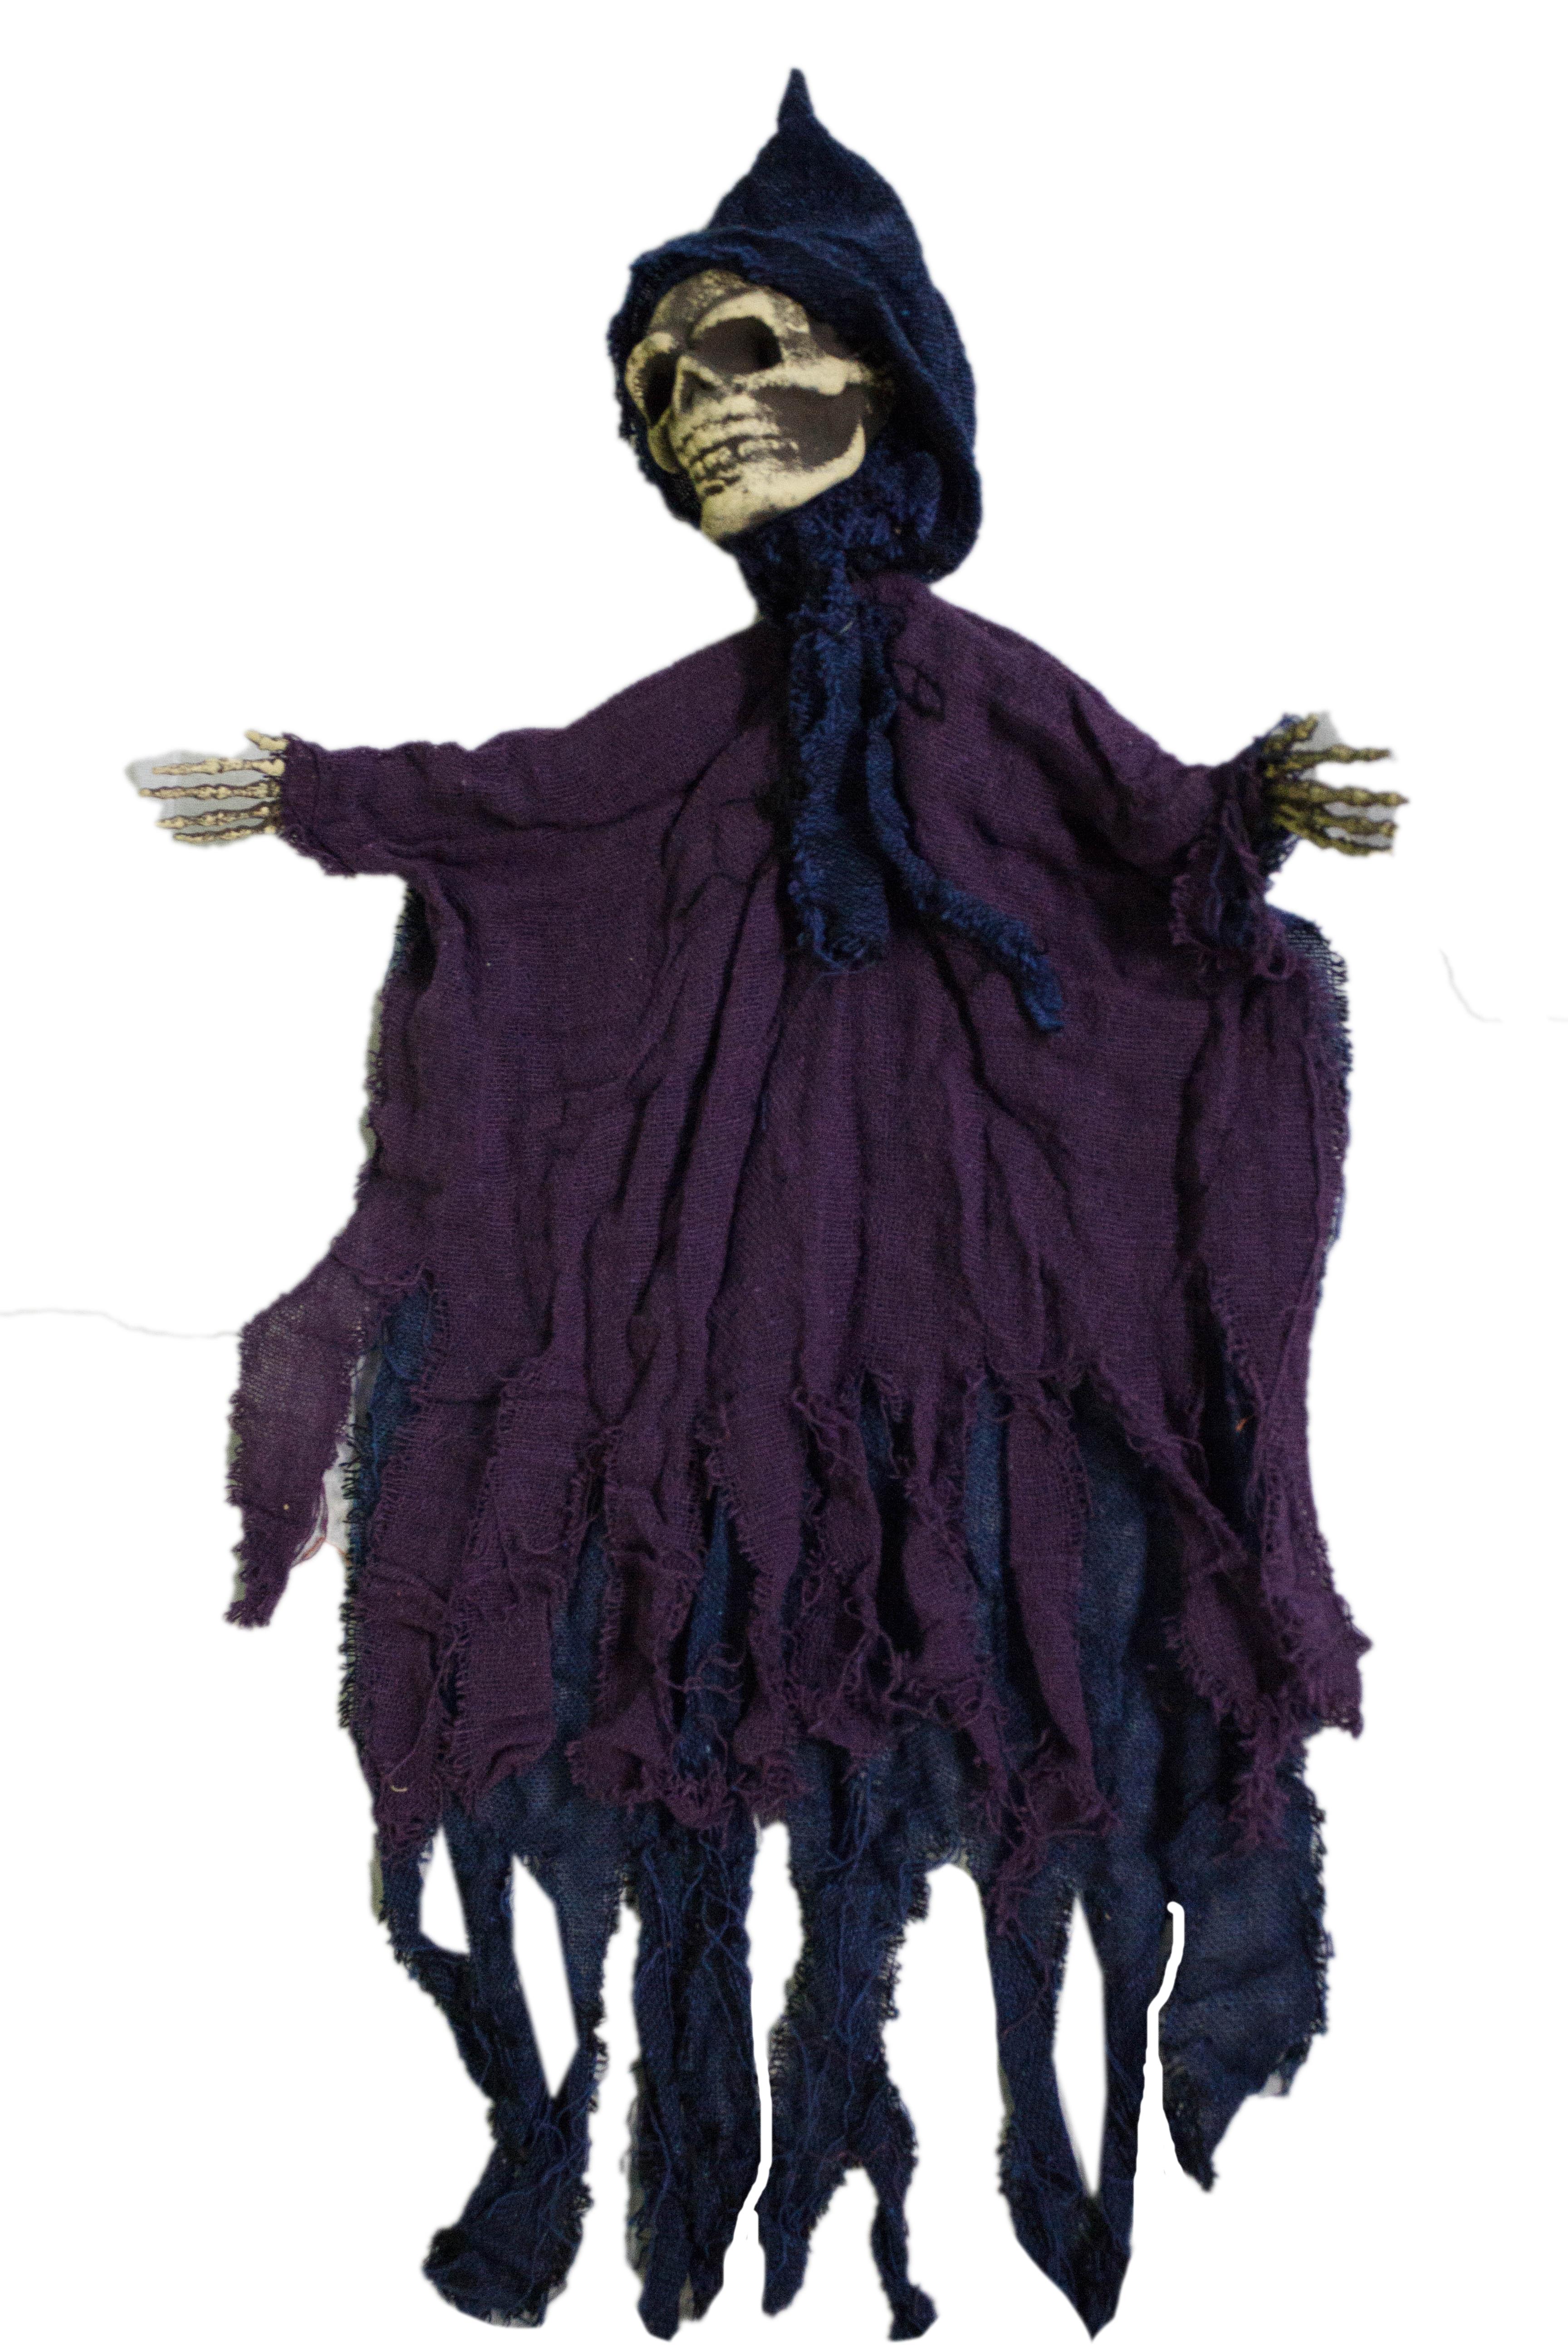 биться, одежда на хэллоуин в картинках конструкцию